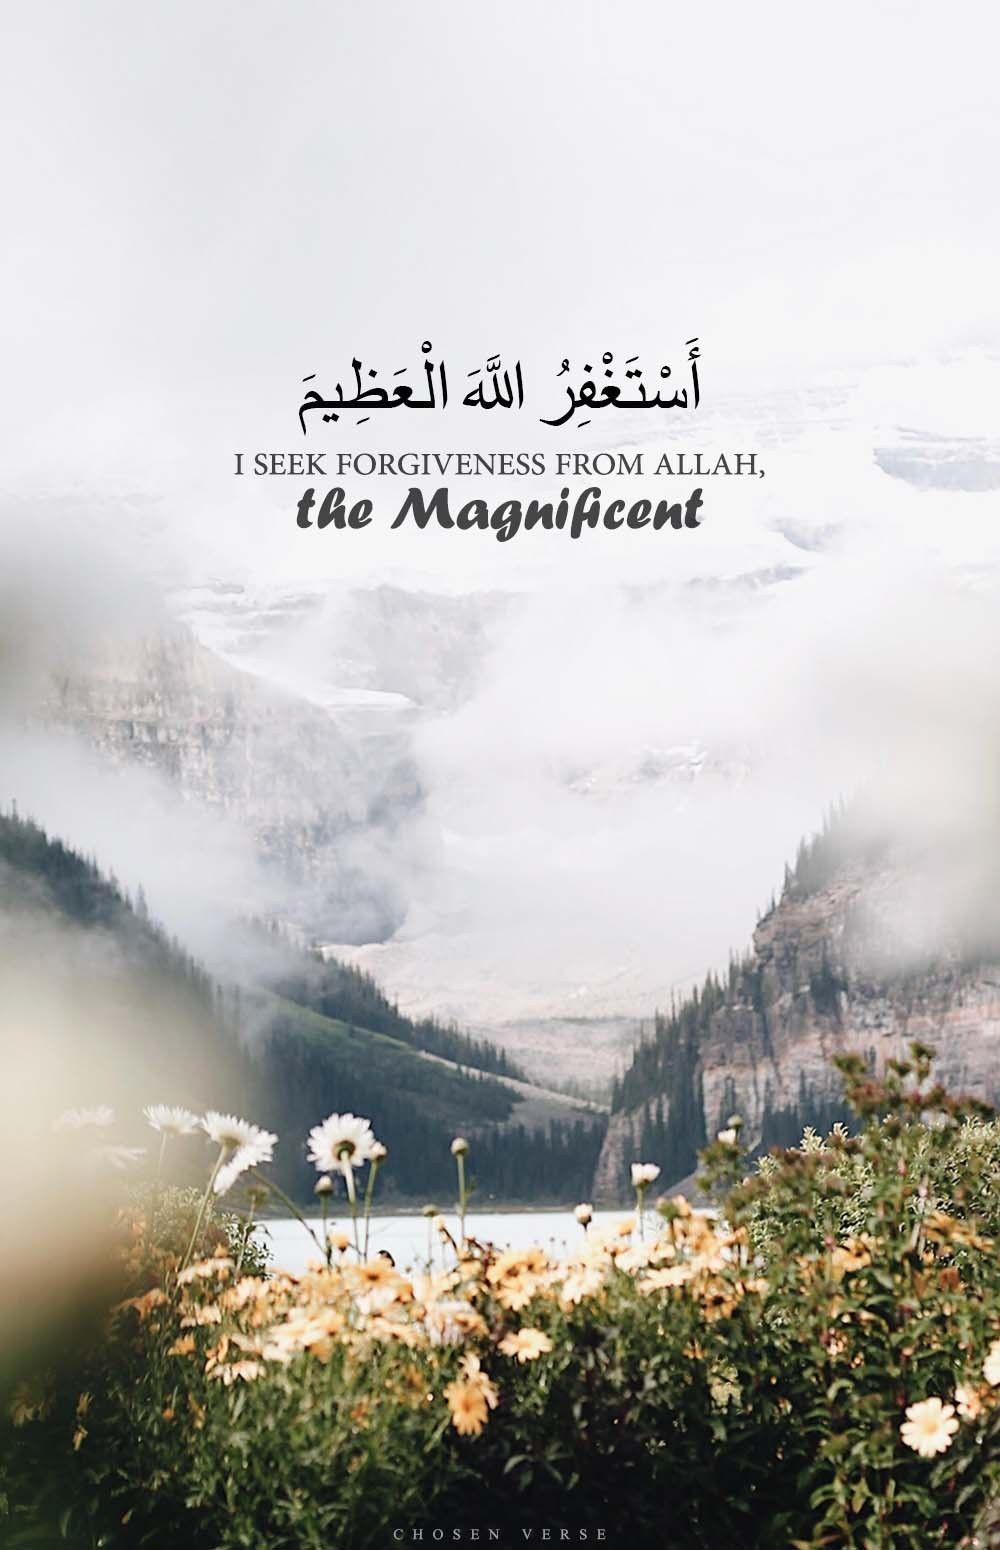 استغفر الله العظيم الذي لا اله الا هو الحي القيوم واتوب اليه I Seek Forgiveness From Allah The Magnificent Whom There Is None Wor Art Wallpaper Poster Allah